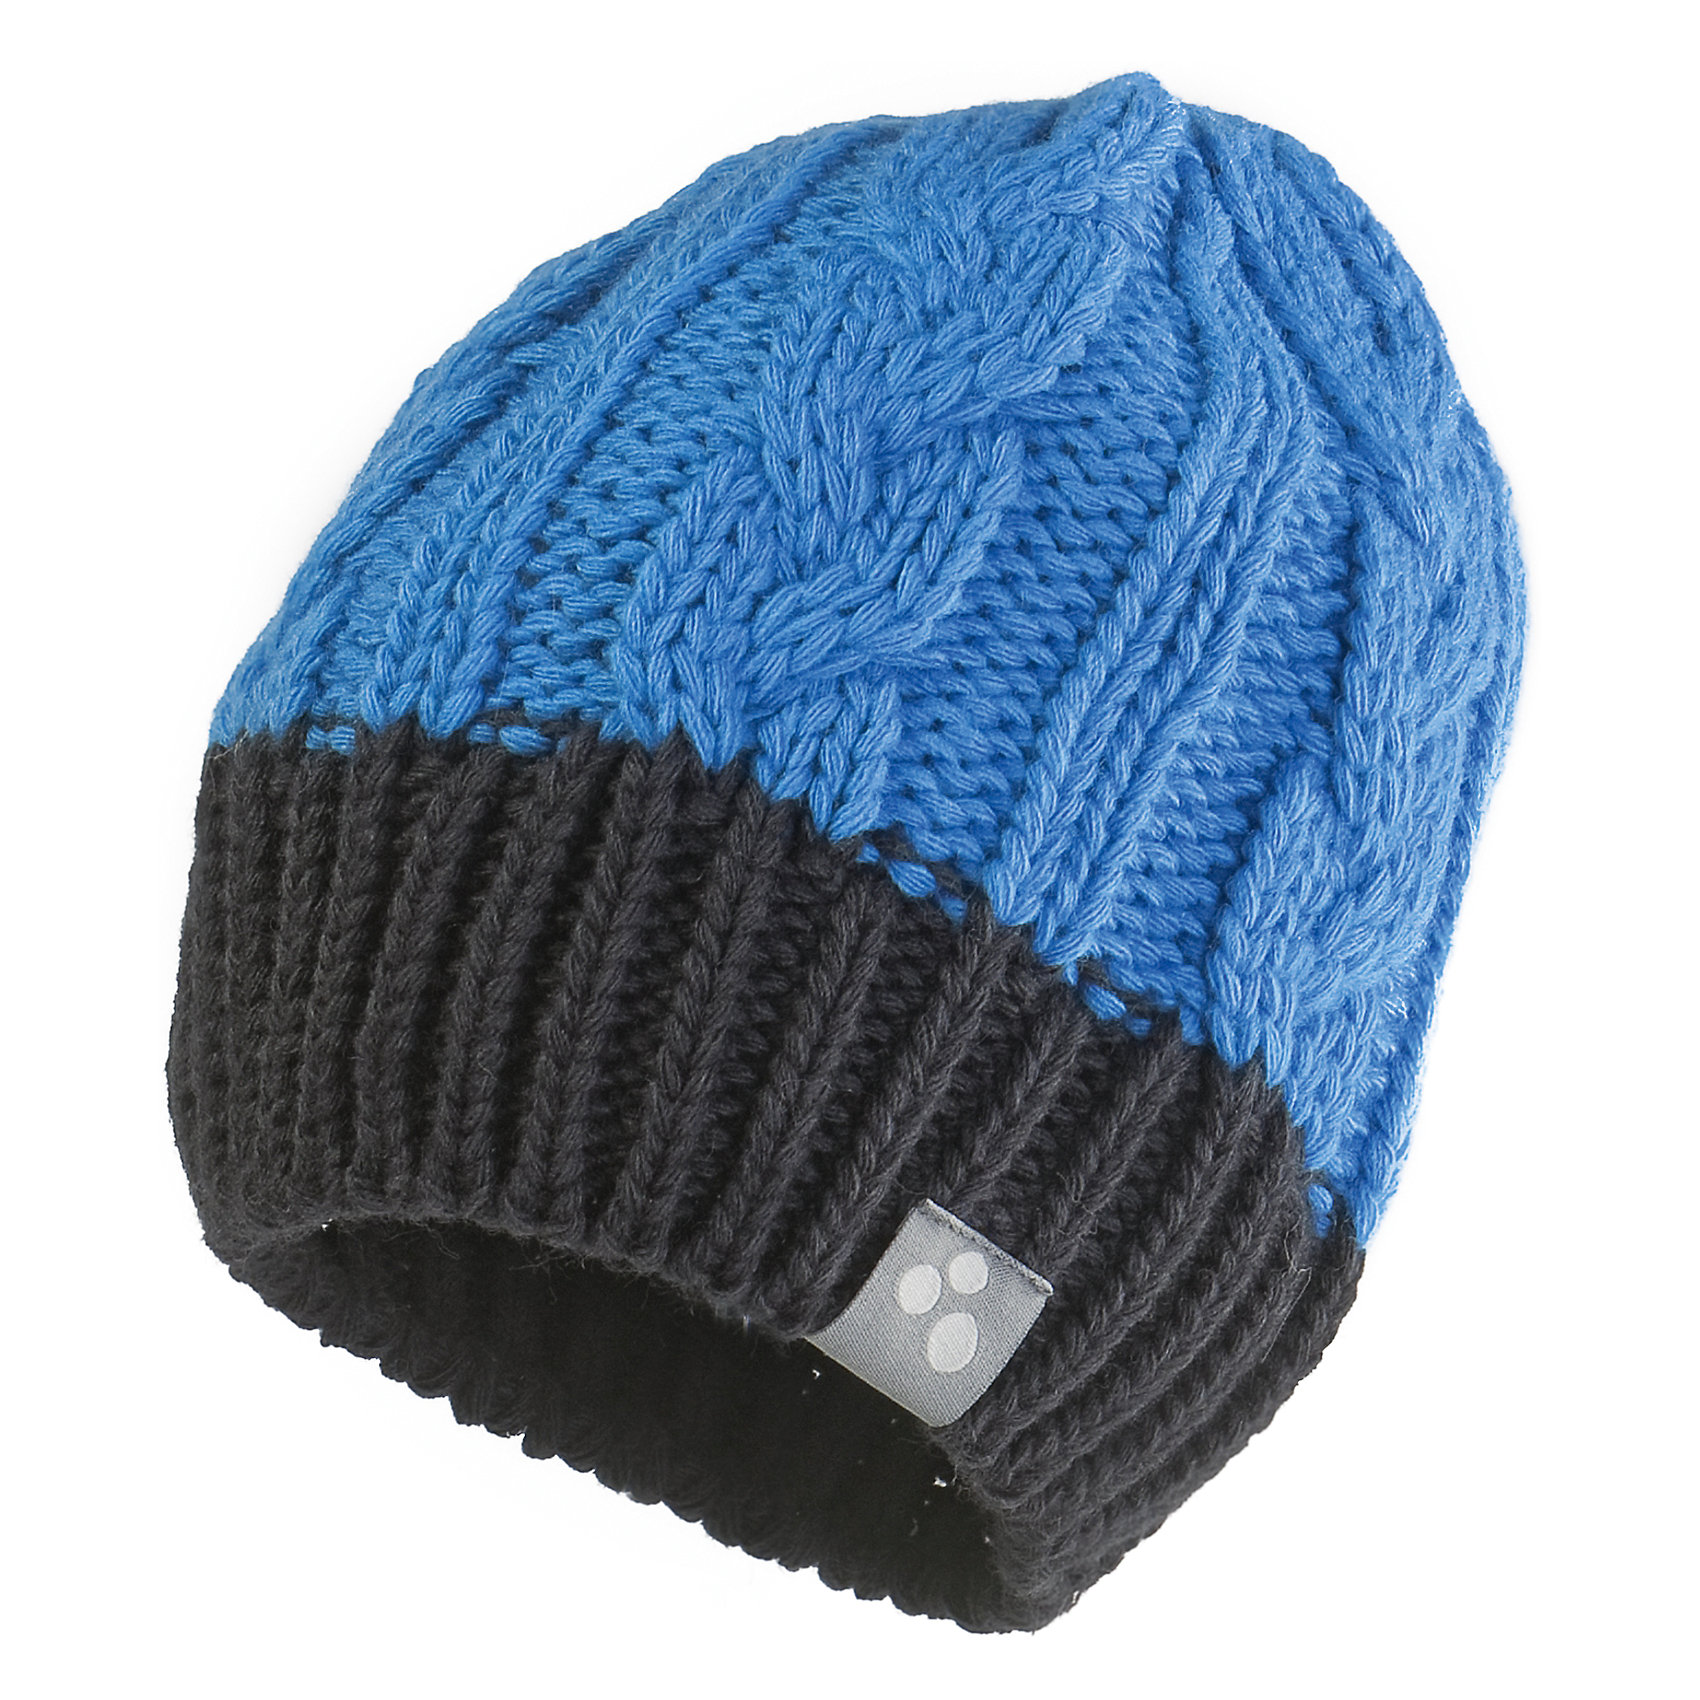 Шапка для мальчика HuppaЗимняя вязаная шапка с косичками для мальчиков. Шапка связана из 50% мериносовой шерсти и 50% акриловой пряжи. Резинка контрастных оттенков защищает уши от холодного ветра. Приятная шапка предназначена для ношения в более мягкую зимнюю погоду их хорошо сочетается с любой верхней одеждой.<br><br>Шапку для мальчика Huppa (Хуппа) можно купить в нашем магазине.<br><br>Ширина мм: 89<br>Глубина мм: 117<br>Высота мм: 44<br>Вес г: 155<br>Цвет: синий<br>Возраст от месяцев: 36<br>Возраст до месяцев: 60<br>Пол: Мужской<br>Возраст: Детский<br>Размер: 51-53,57,55-57<br>SKU: 4242751